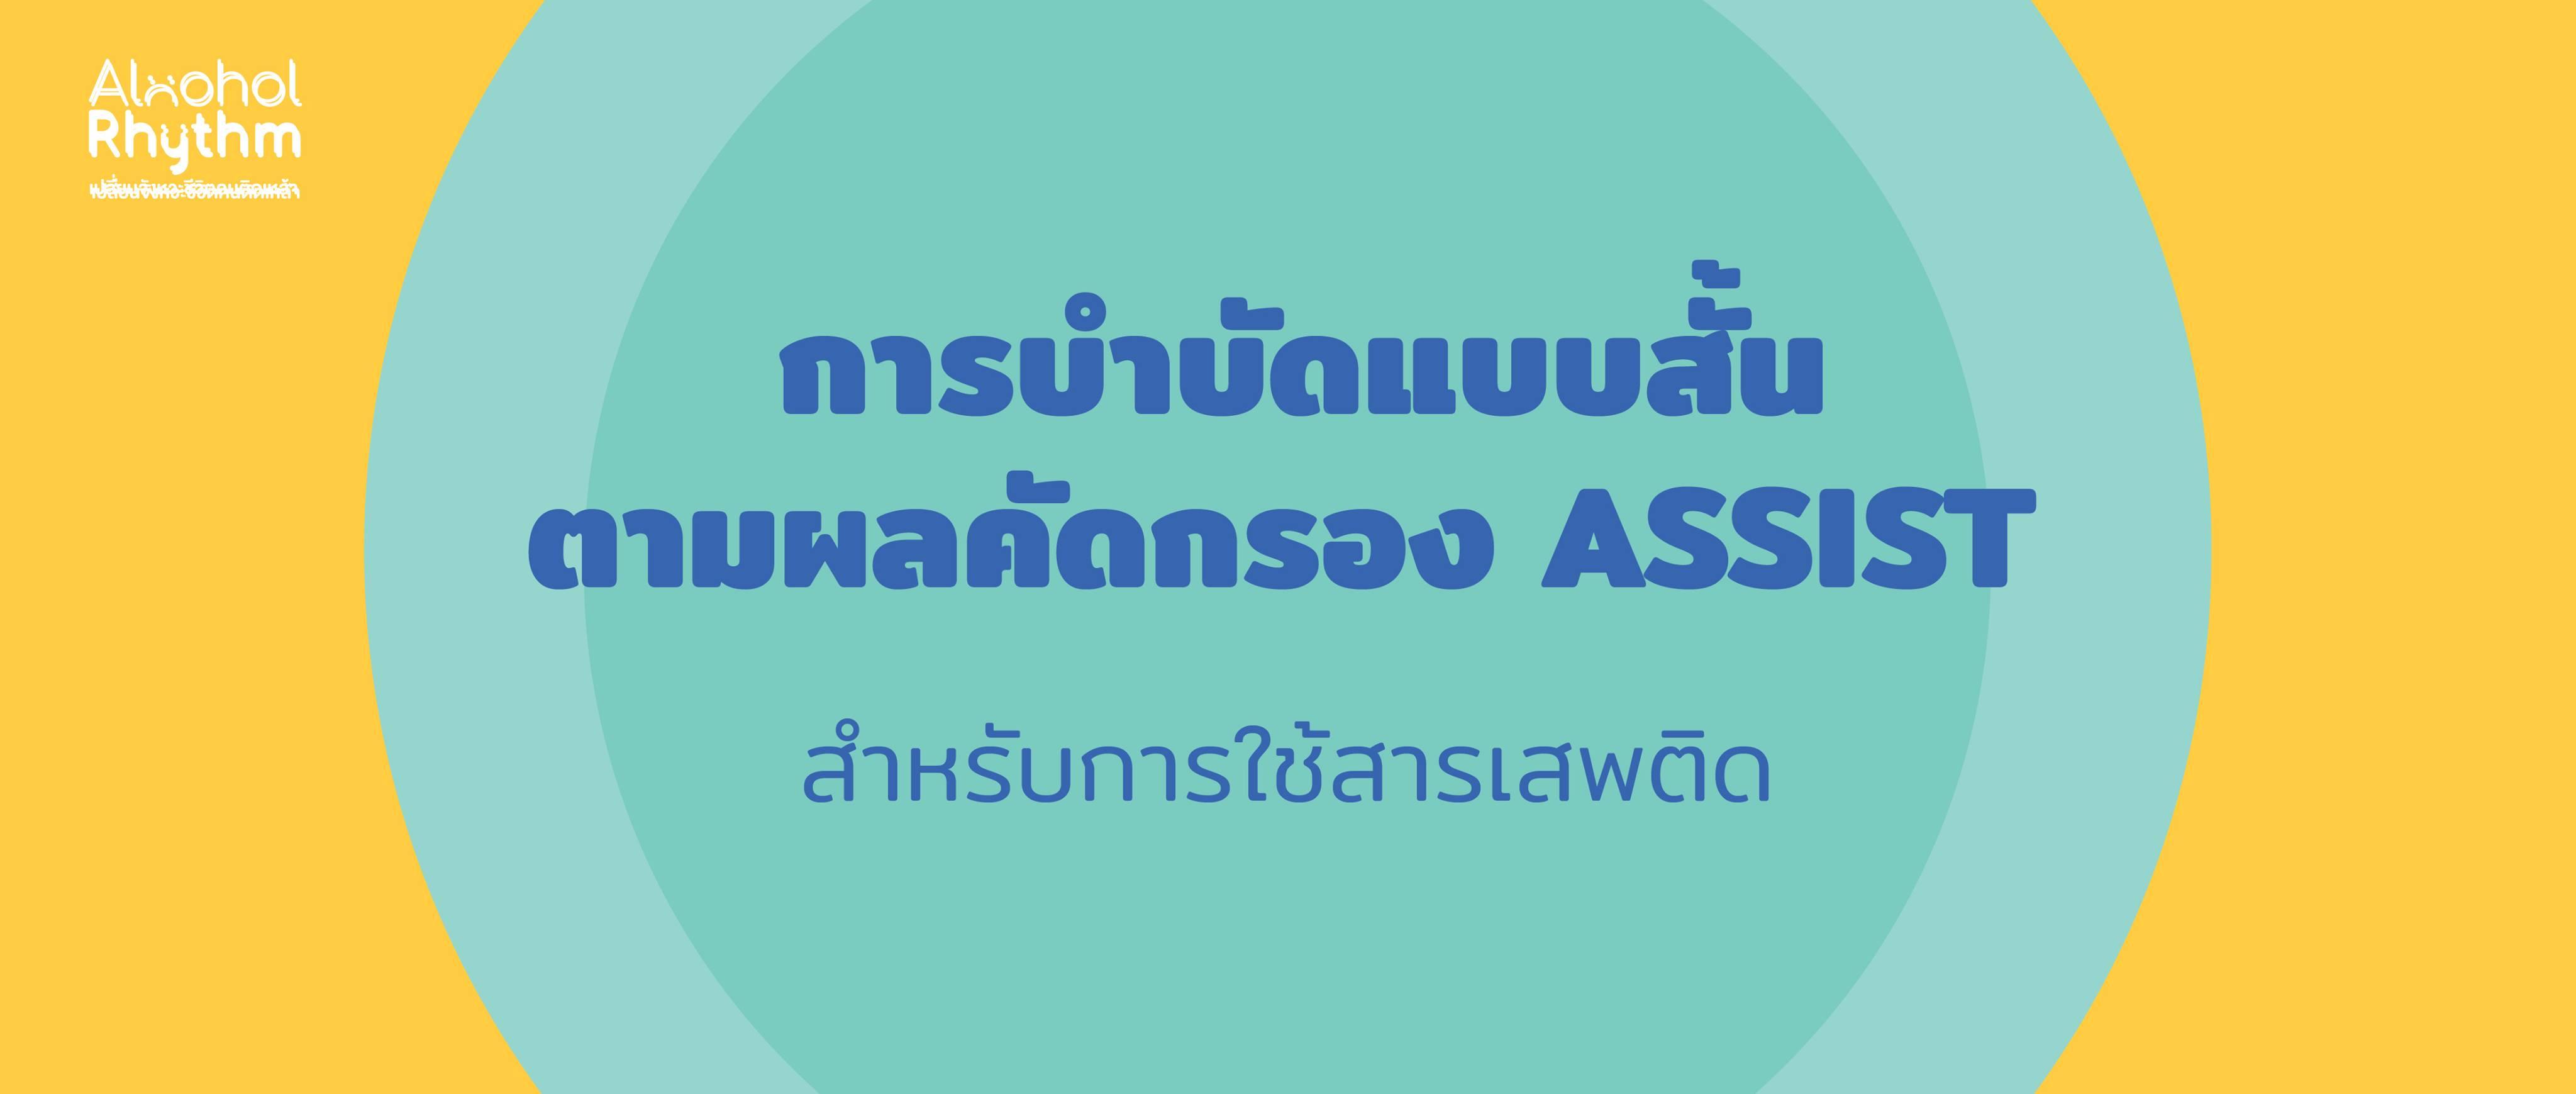 การบำบัดแบบสั้นตามผลคัดกรอง ASSIST สำหรับการใช้สารเสพติดแบบเสี่ยงและแบบอันตราย (คู่มือเพื่อใช้ในสถานพยาบาลปฐมภูมิ)